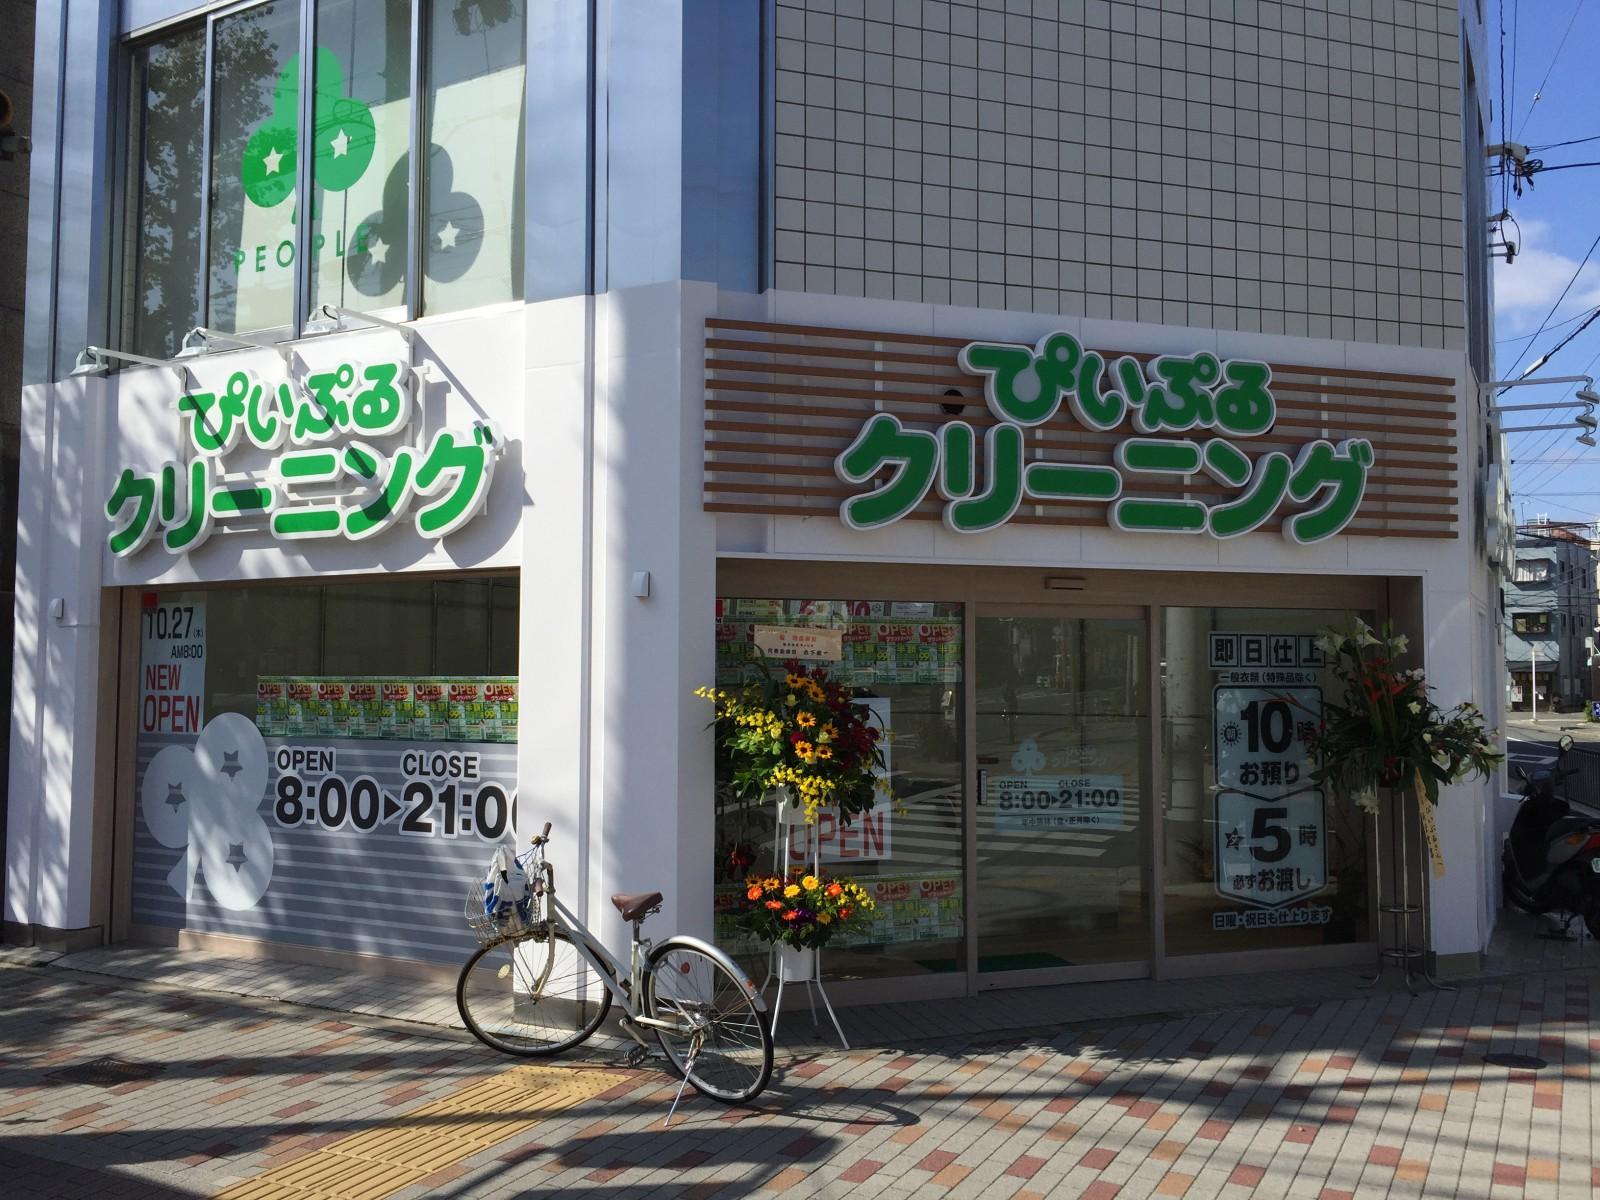 ぴいぷる田中里ノ前店